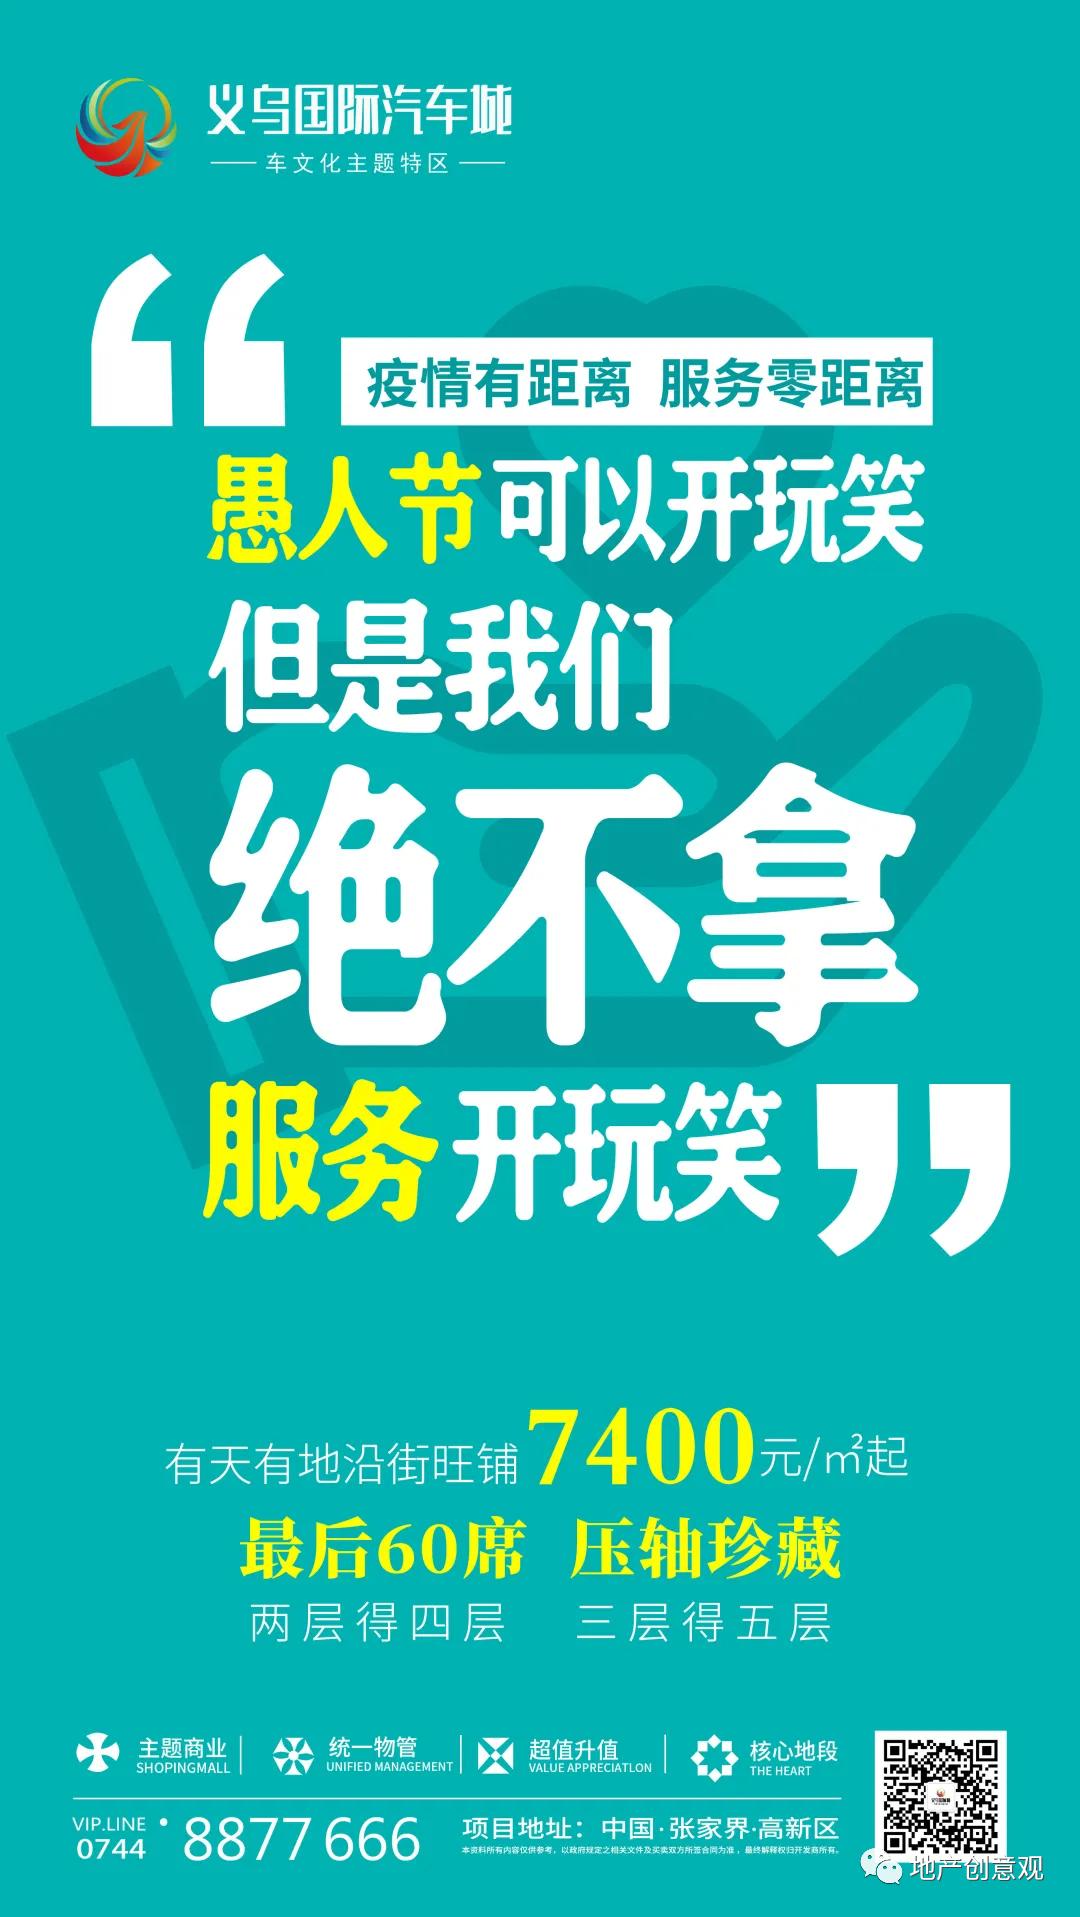 地产广告丨2021愚人节借势海报文案欣赏~插图217